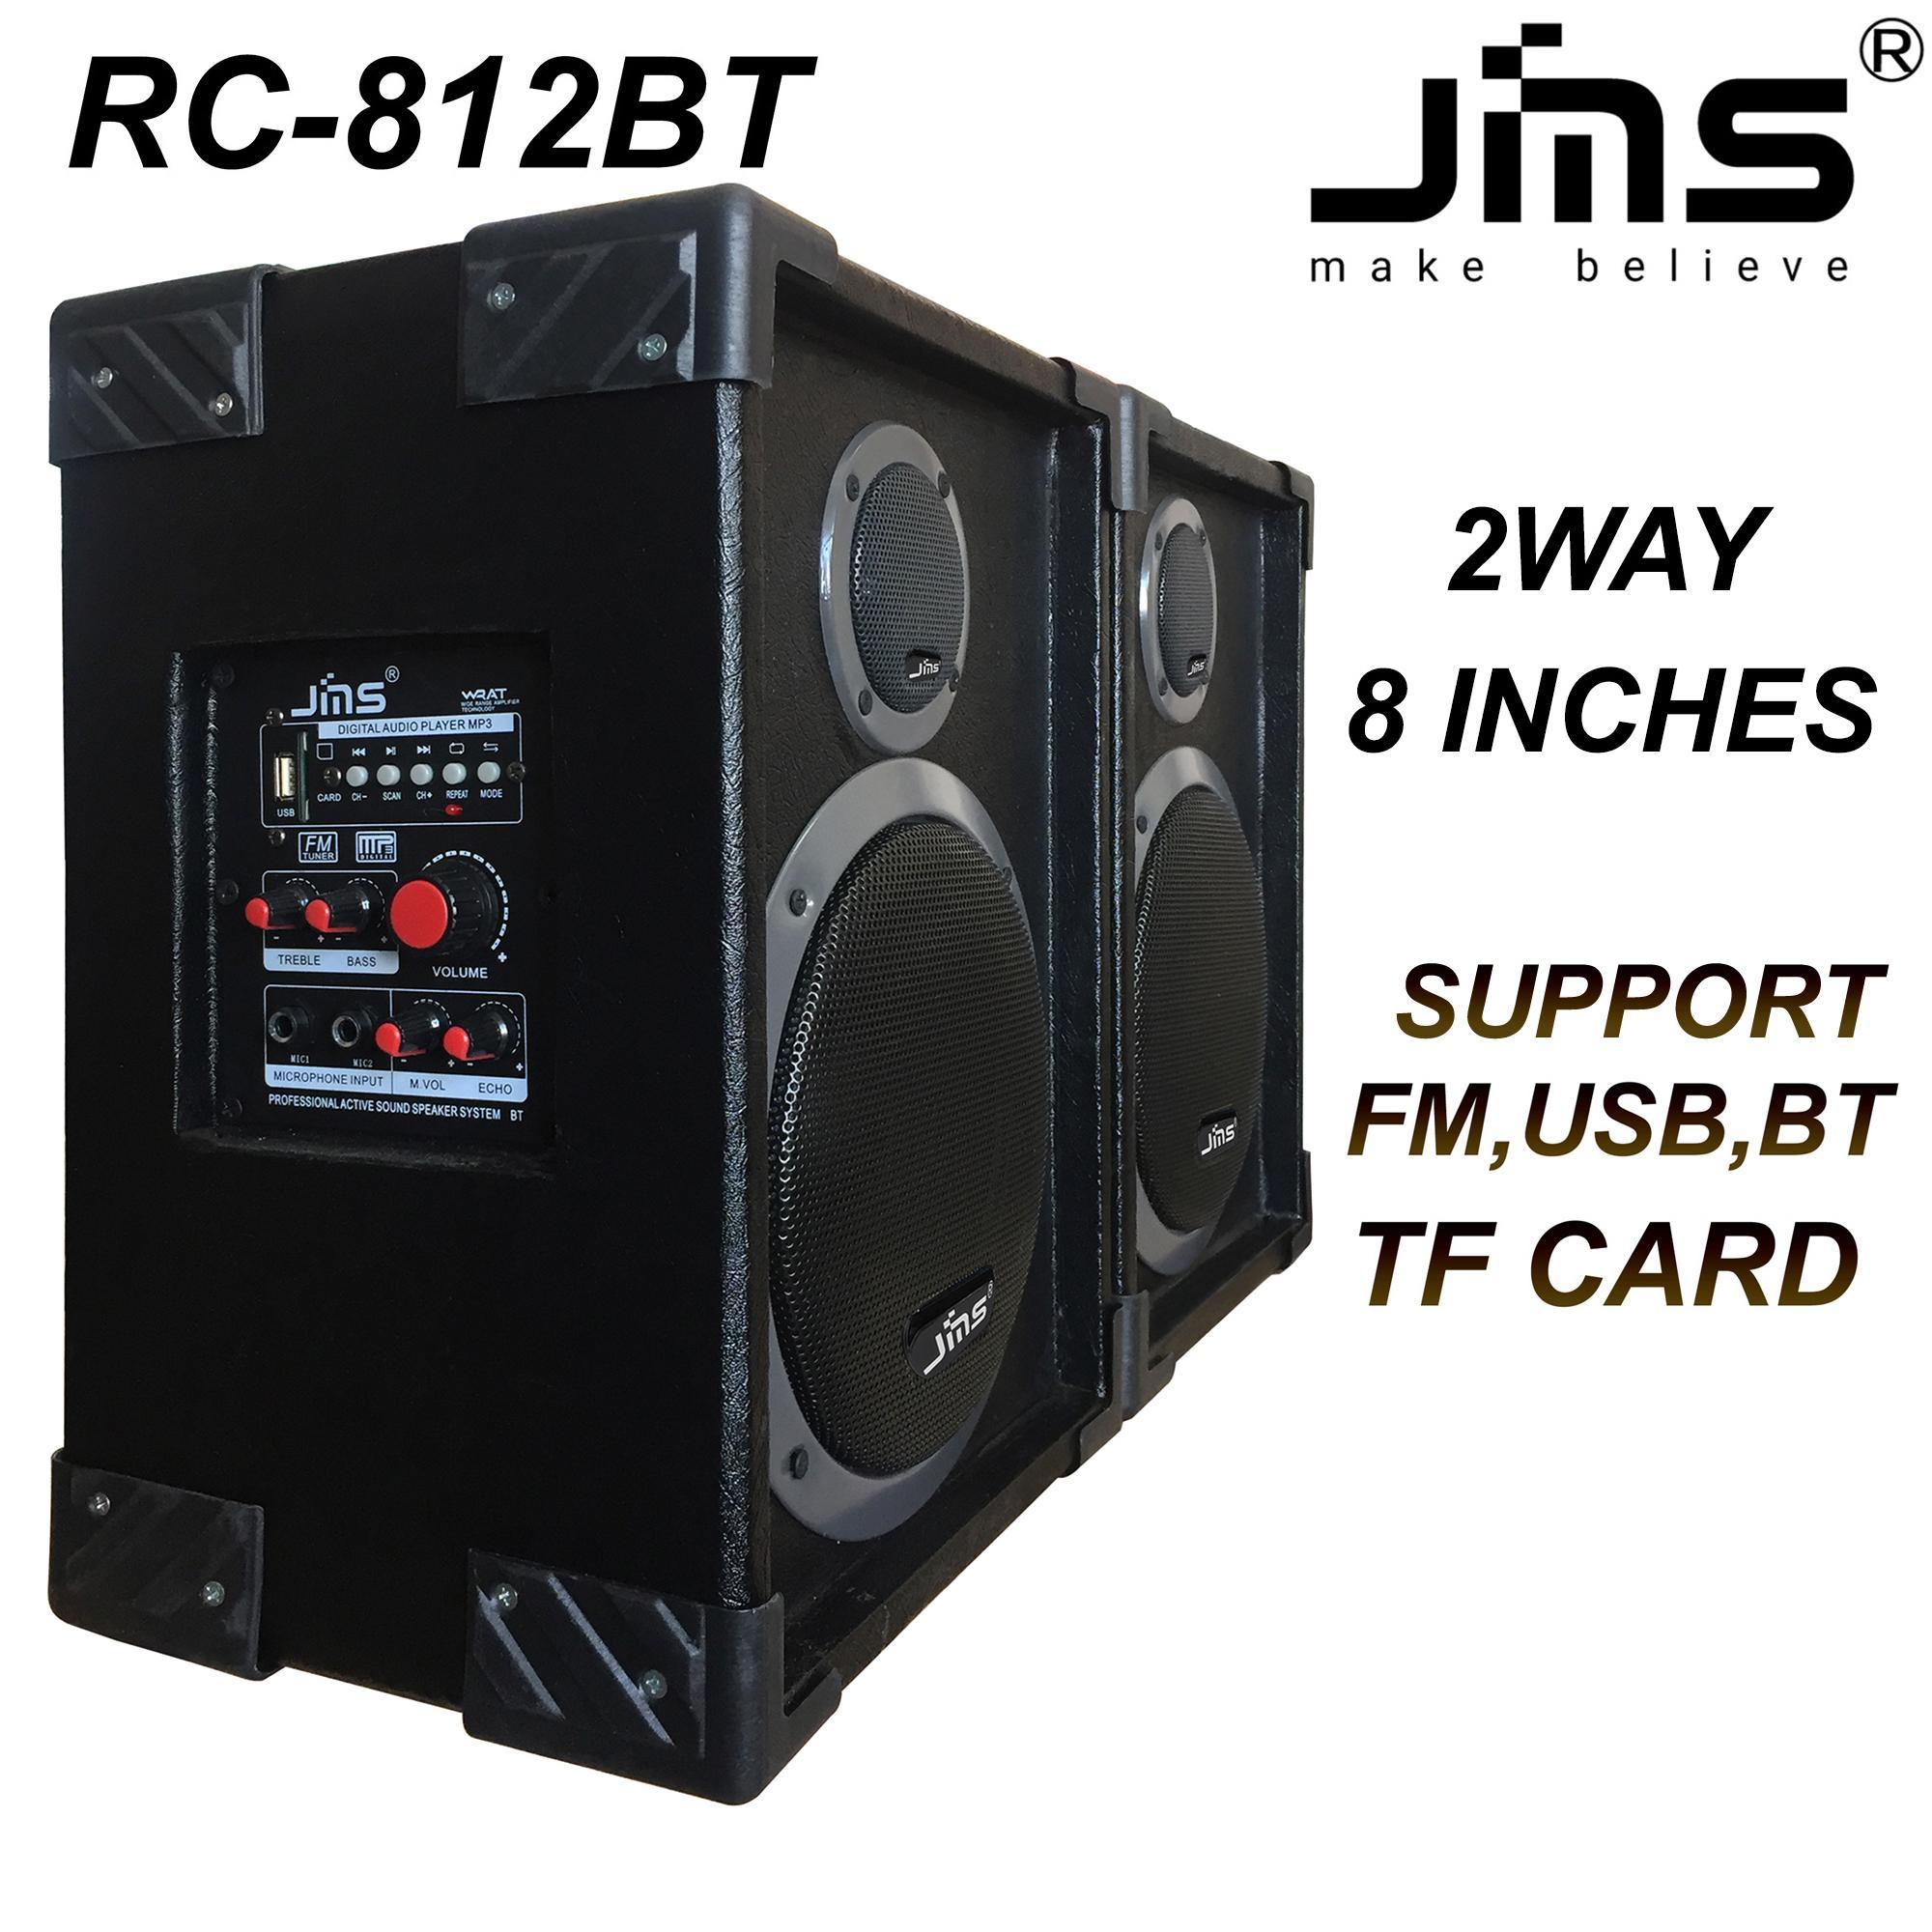 JMS 2 way 8 Inches HI-FI Amplifier Speaker Bluetooth,USB,FM RC-812BT